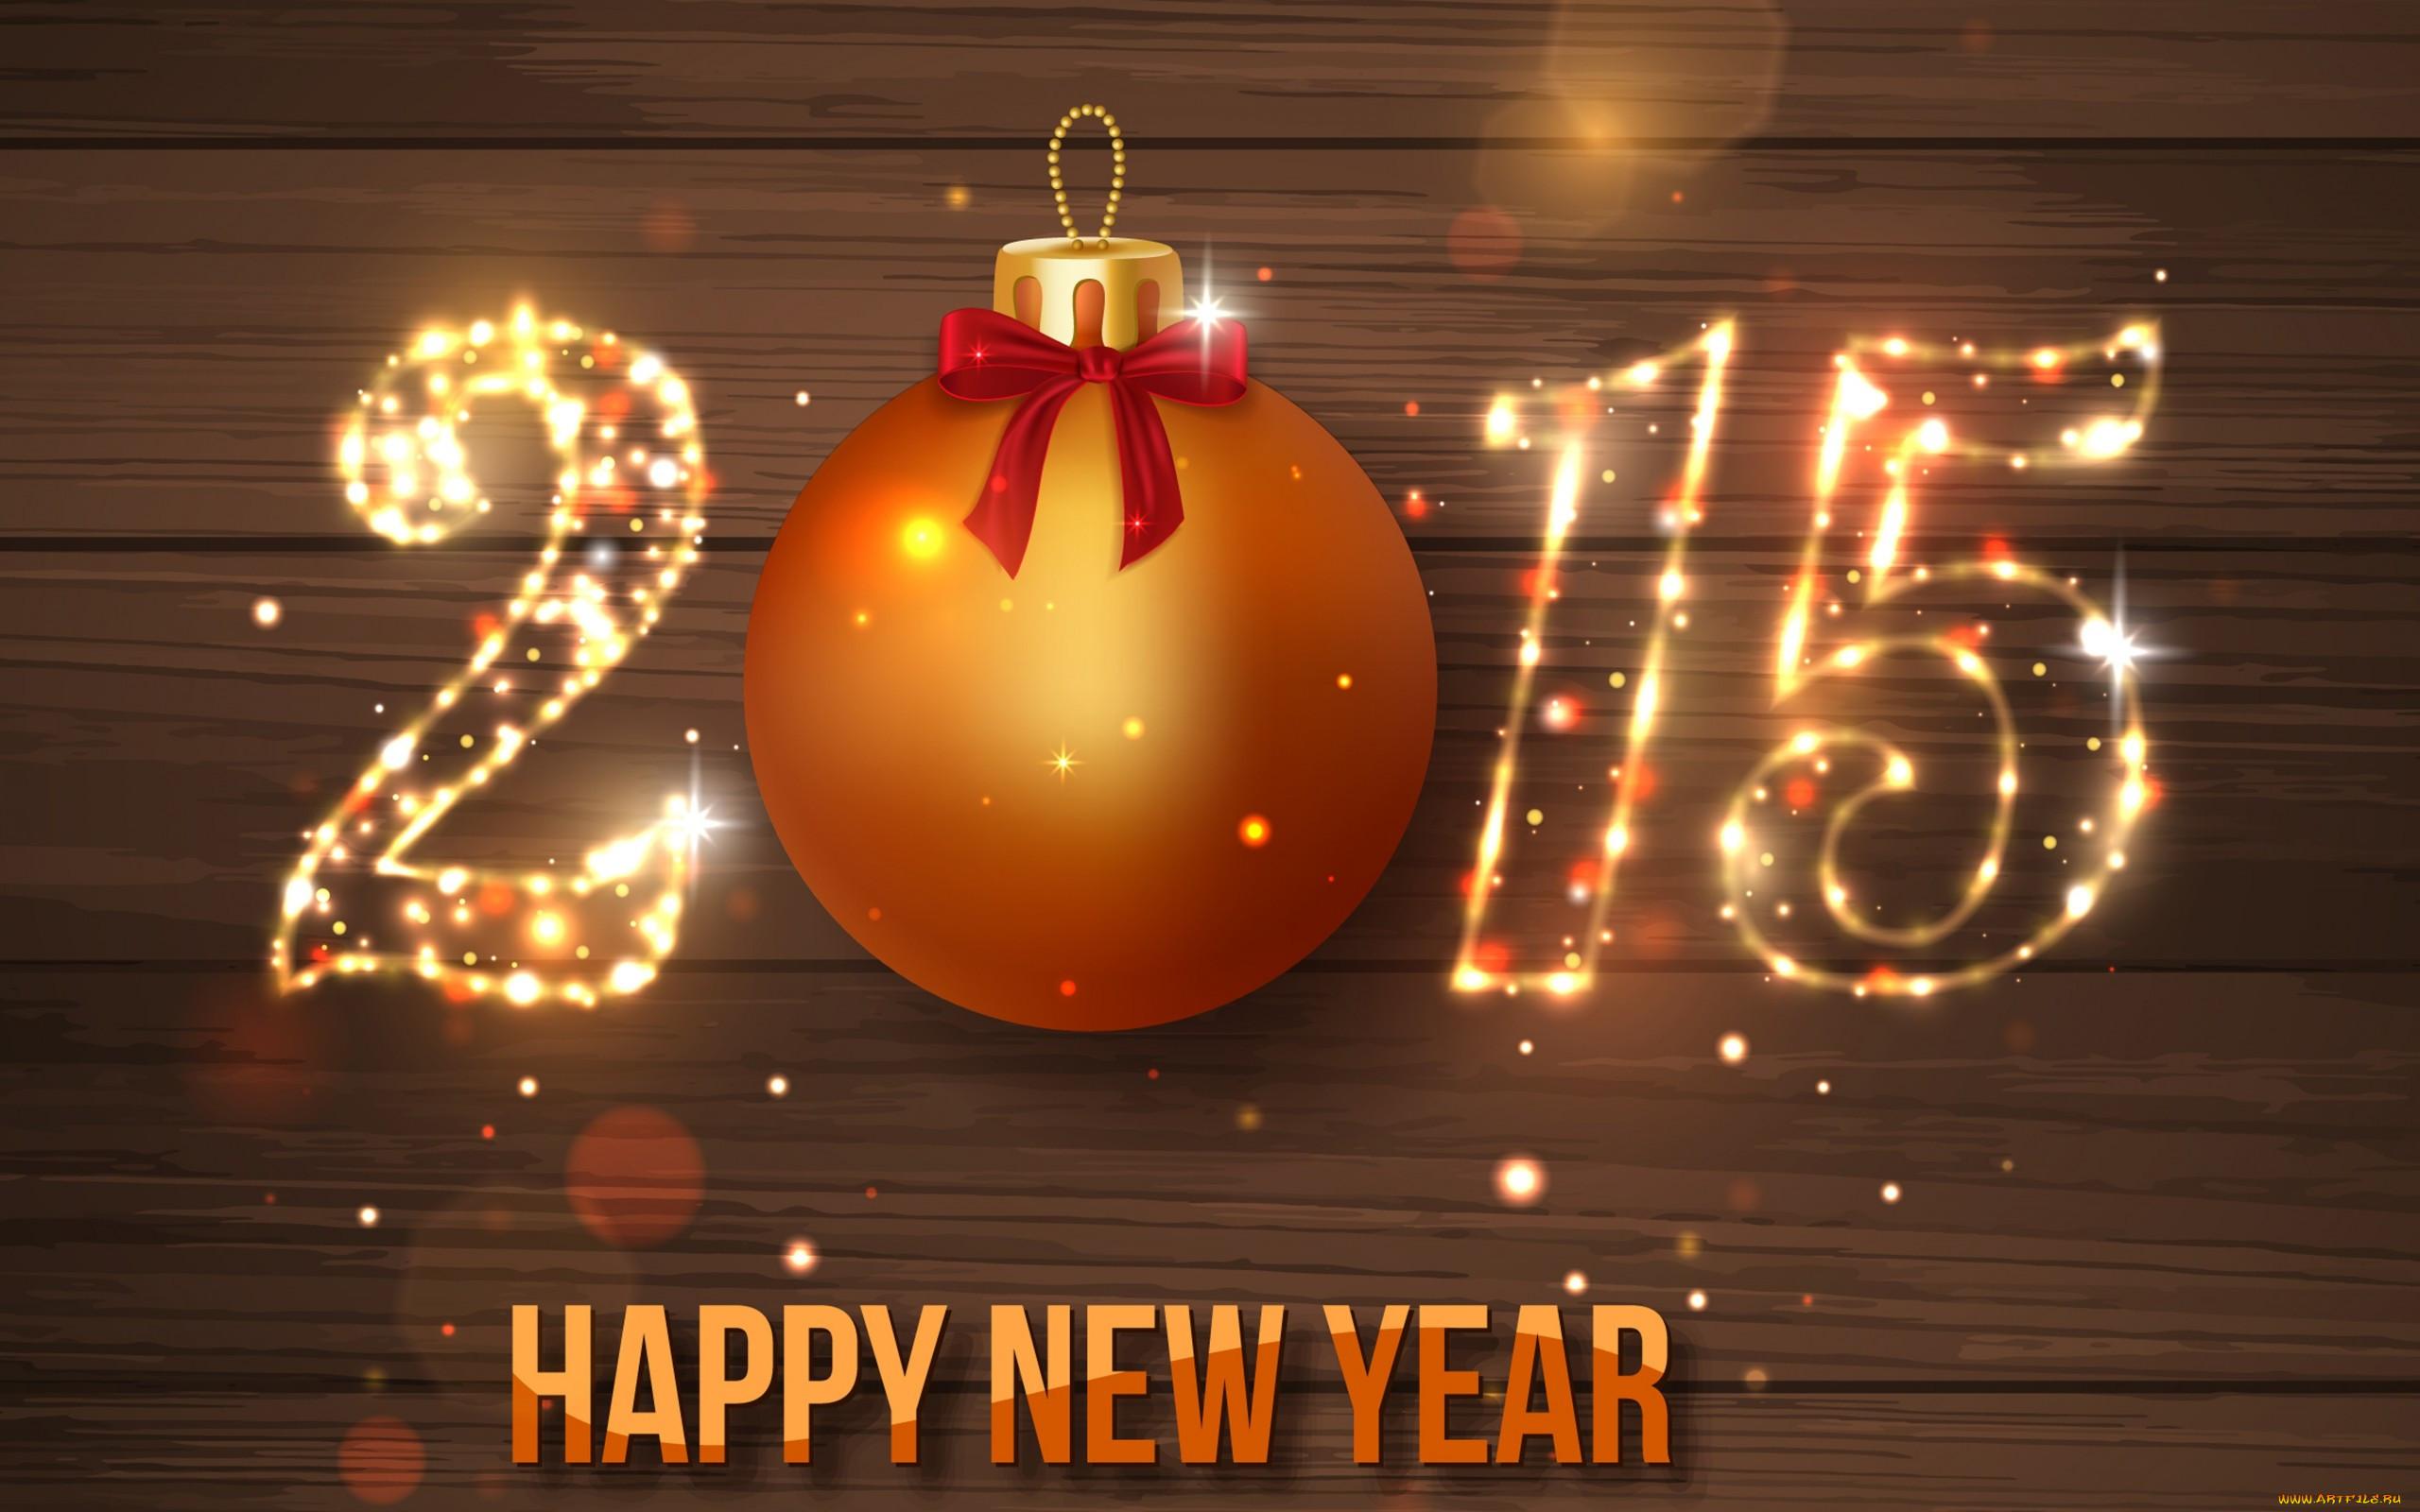 тут фото открыток нового года 2015 компания предлагает